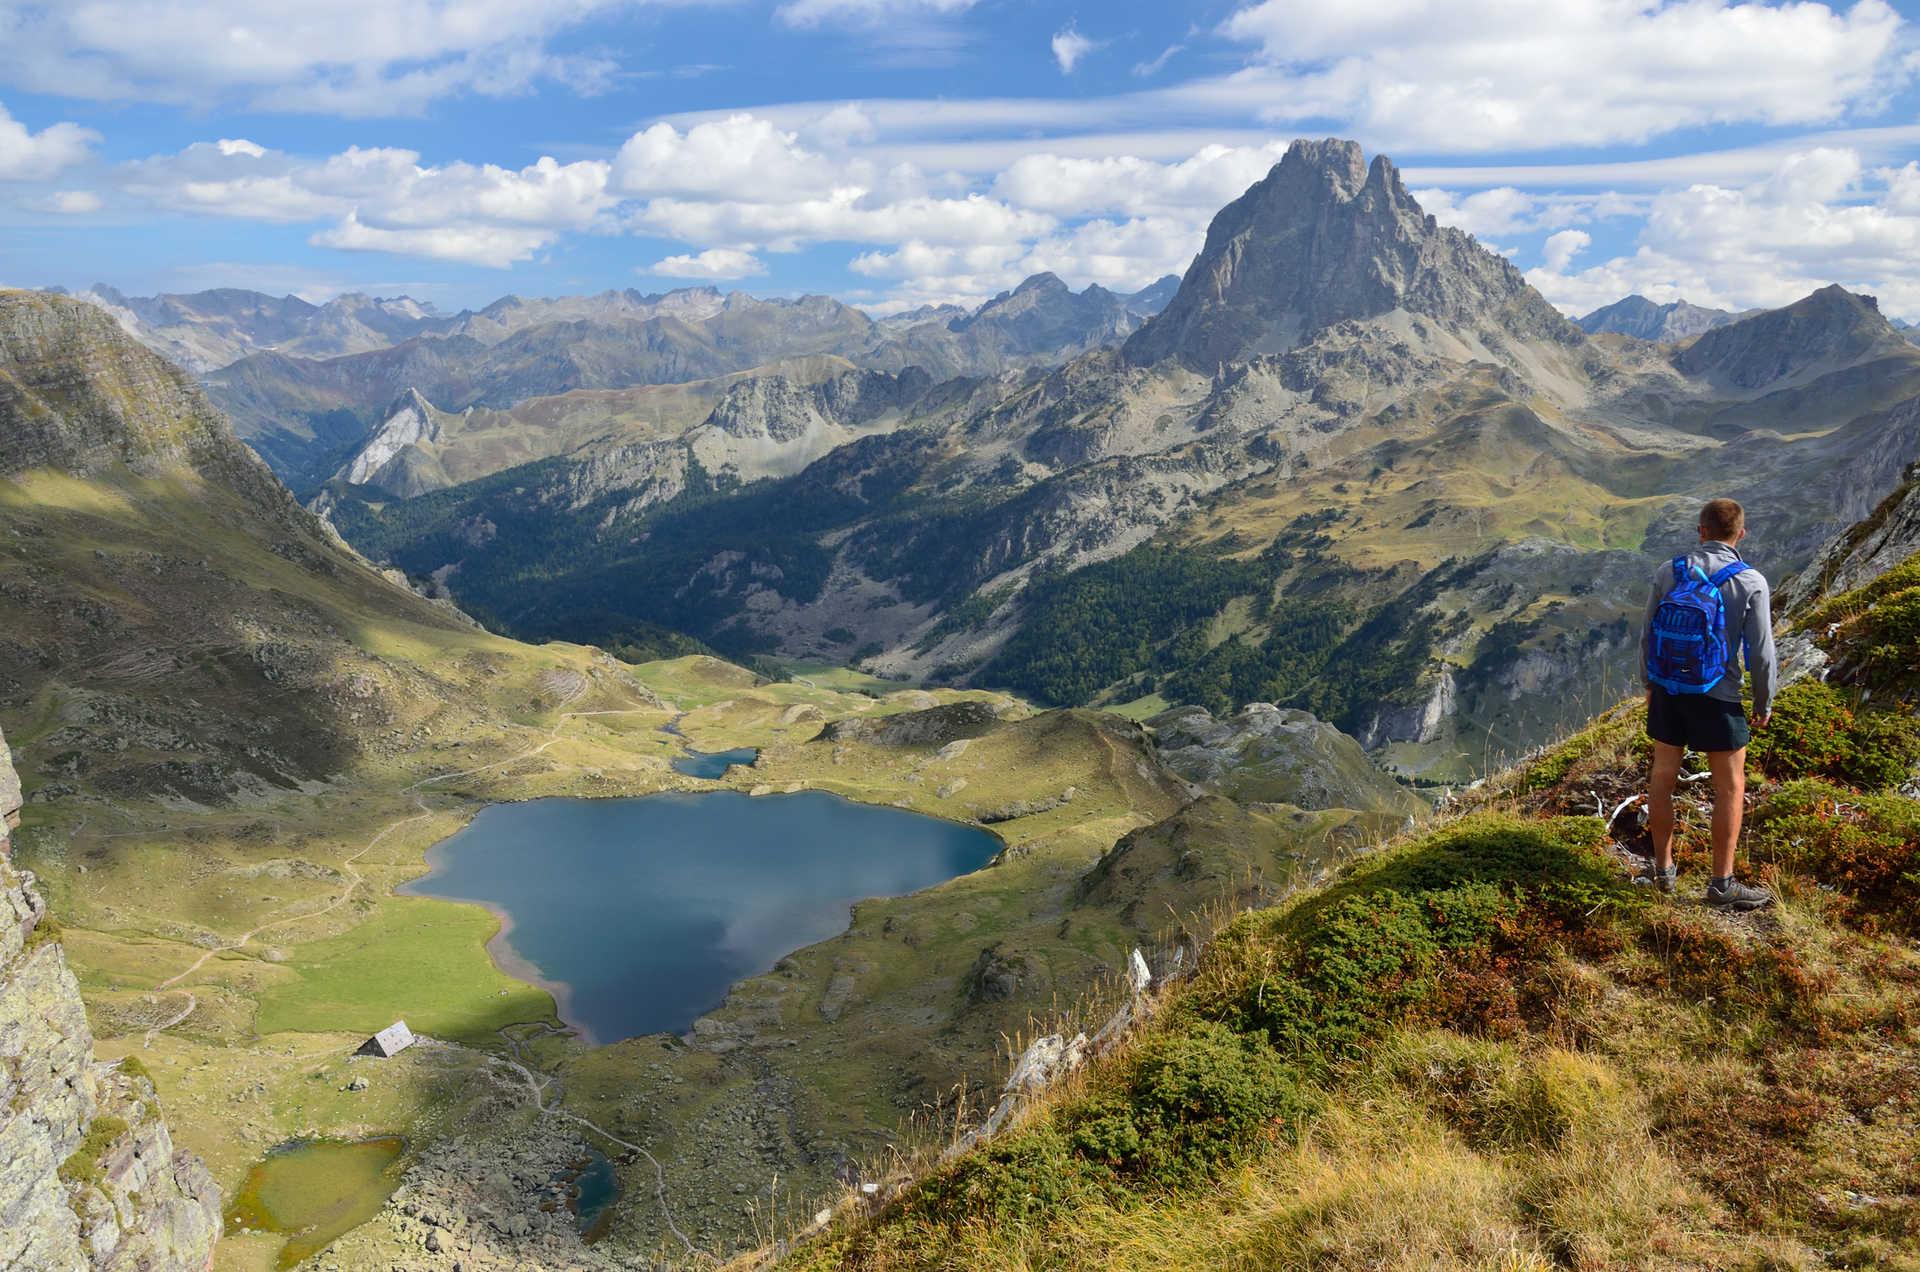 Randonneur dans les Pyrénées au dessus du lac Gentau et face au Pic du Midi d'Ossau